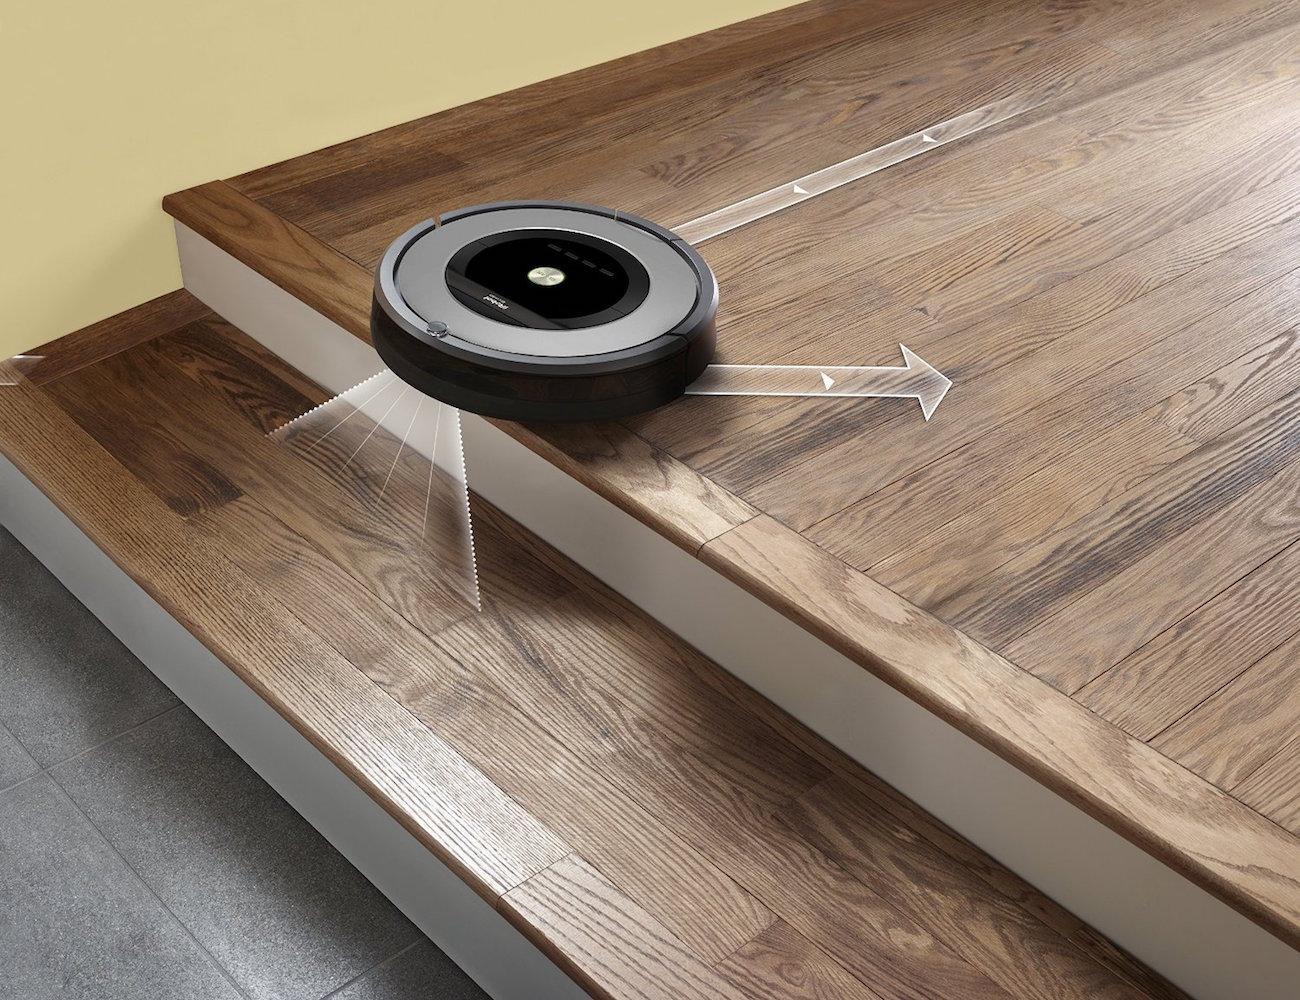 Irobot Roomba 860 Vacuum Cleaning Robot 187 Gadget Flow